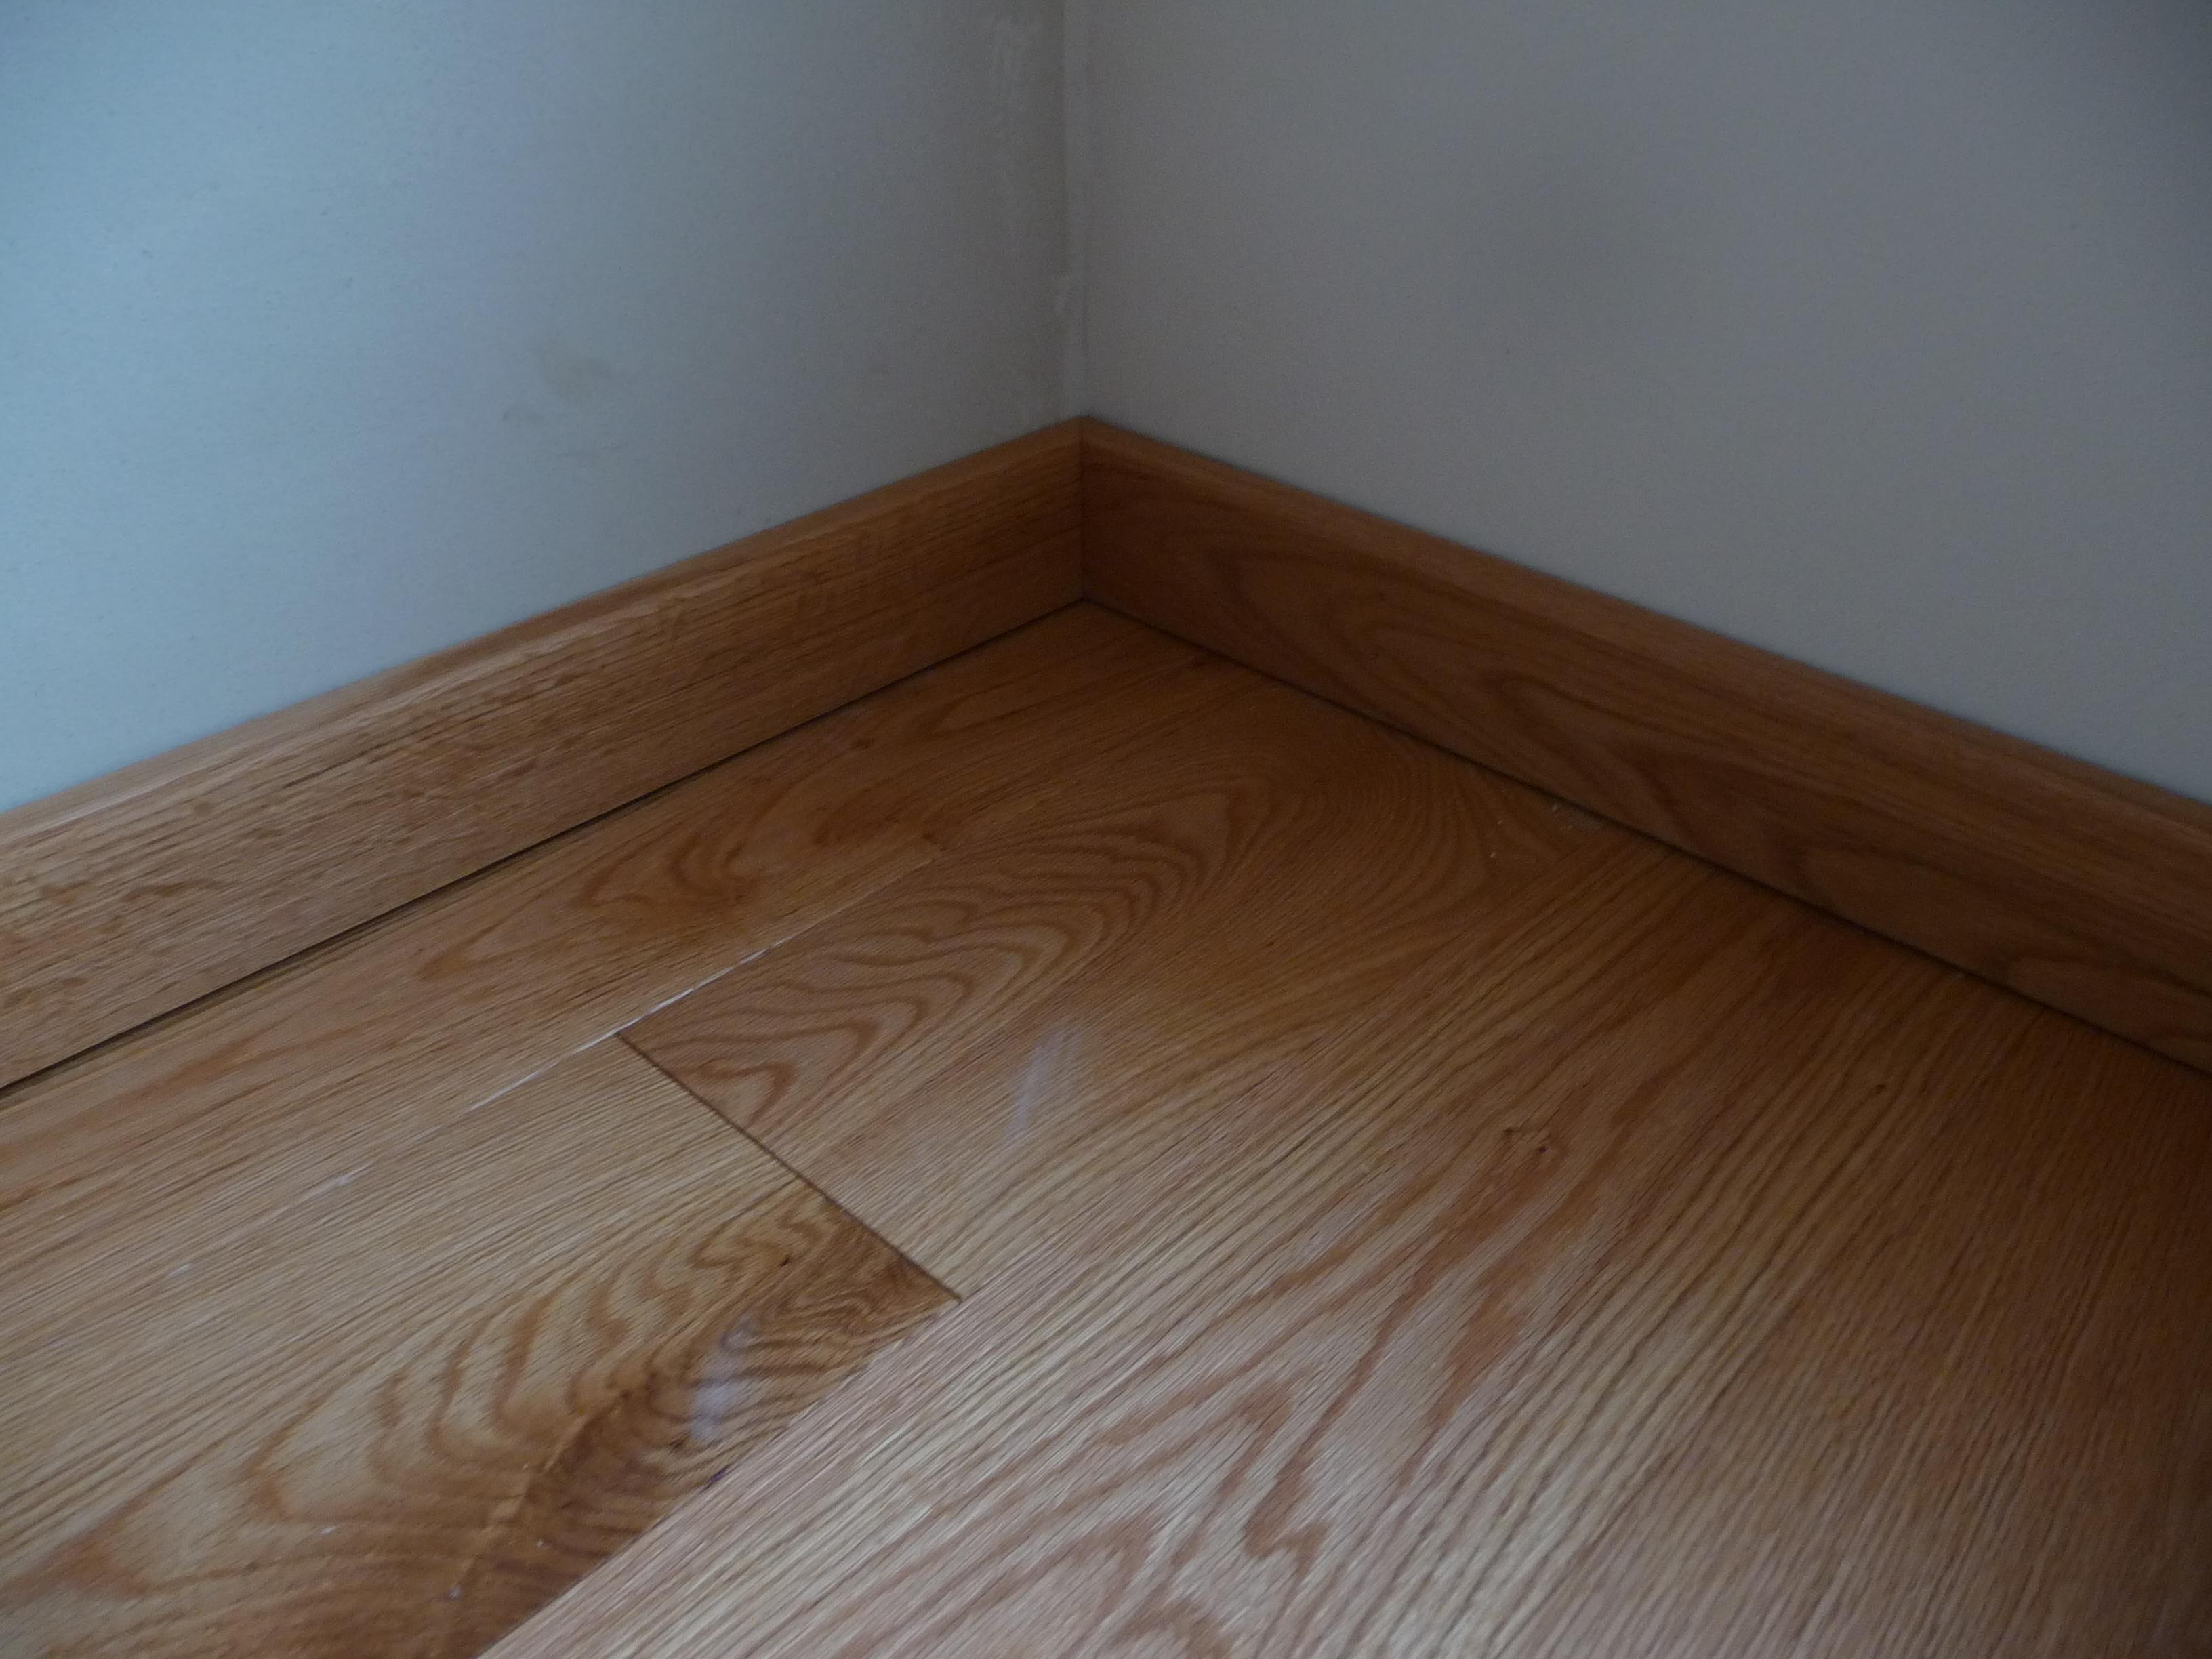 Červený dub detail lištování podlahy